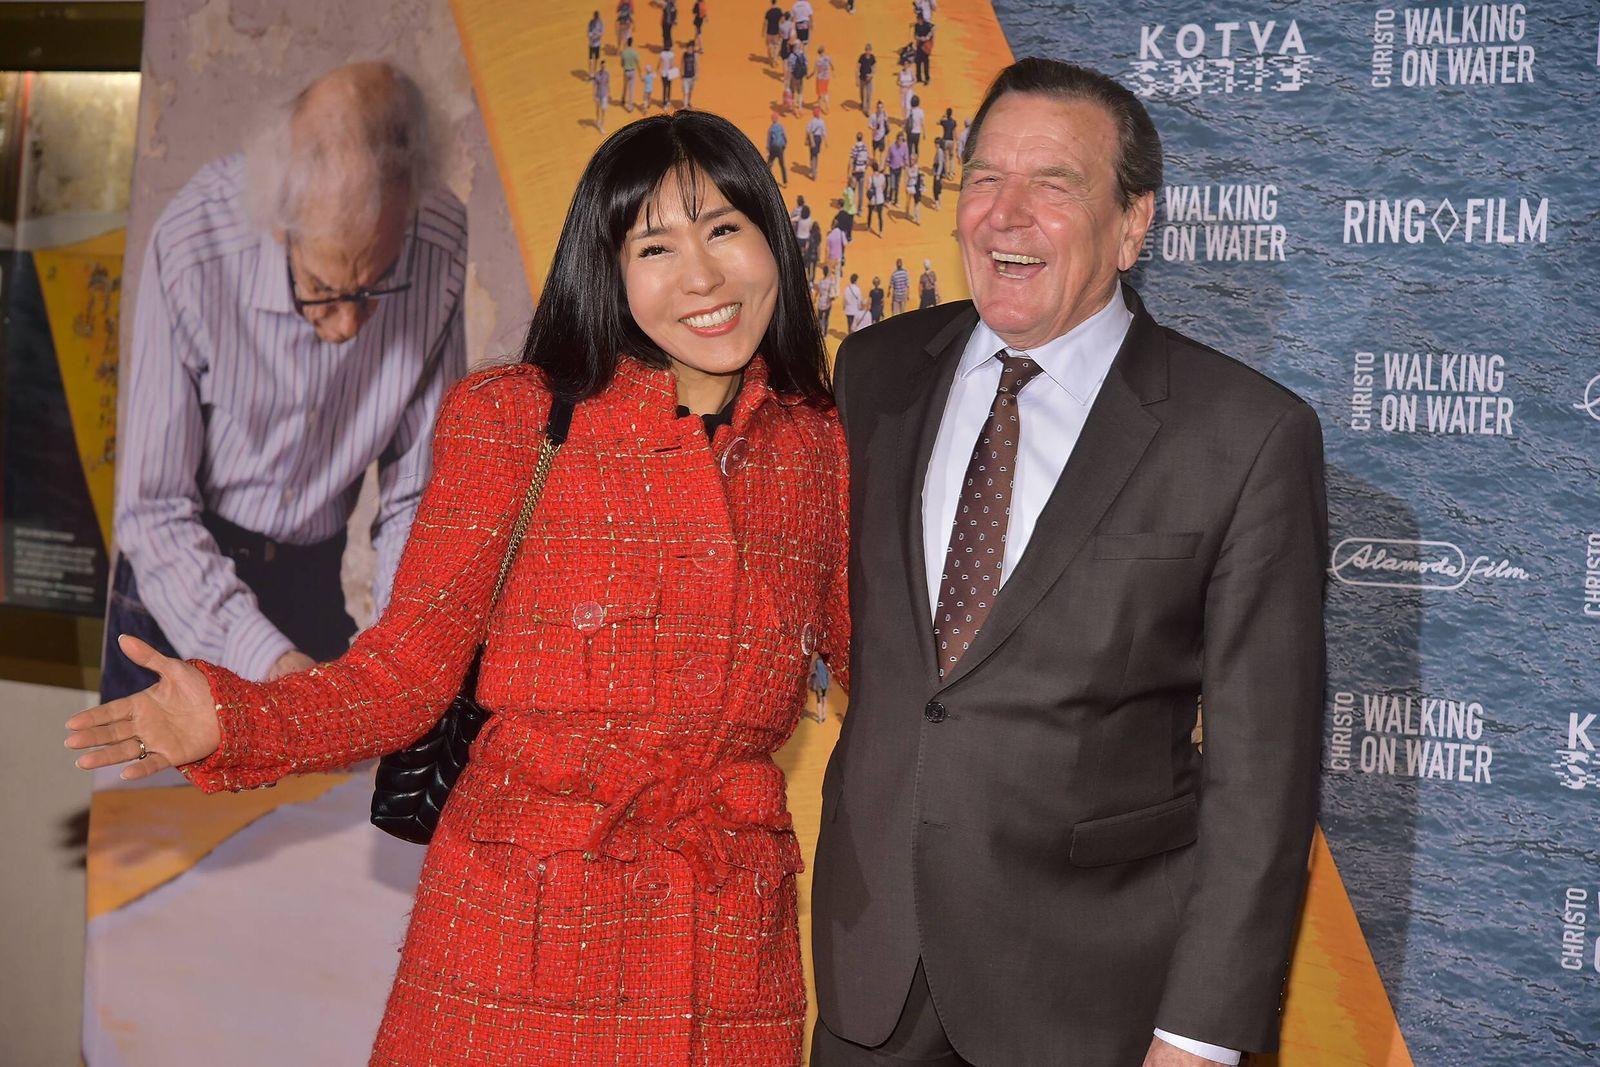 Filmpremiere Walking on Water Gerhard Schroeder mit Ehefrau Soyeon Schroeder Kim Ankunft roter Tep